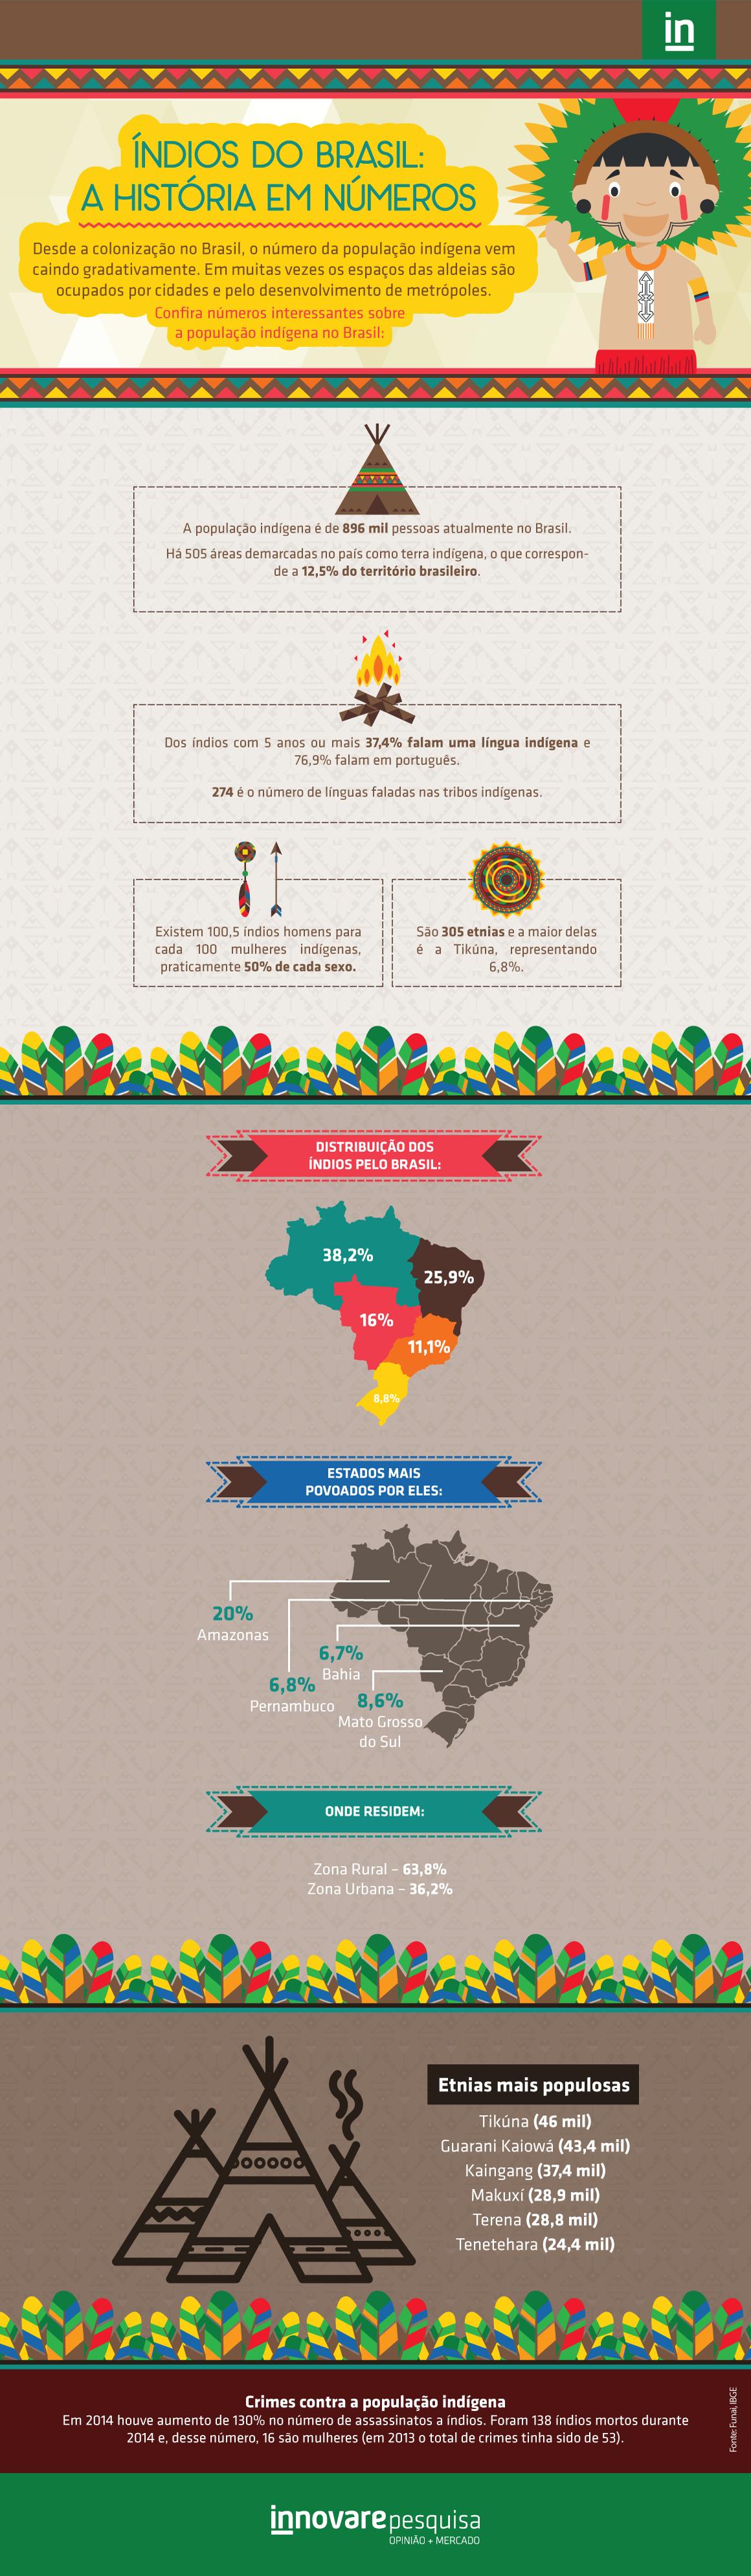 Índios-do-Brasil--A-História-em-Números